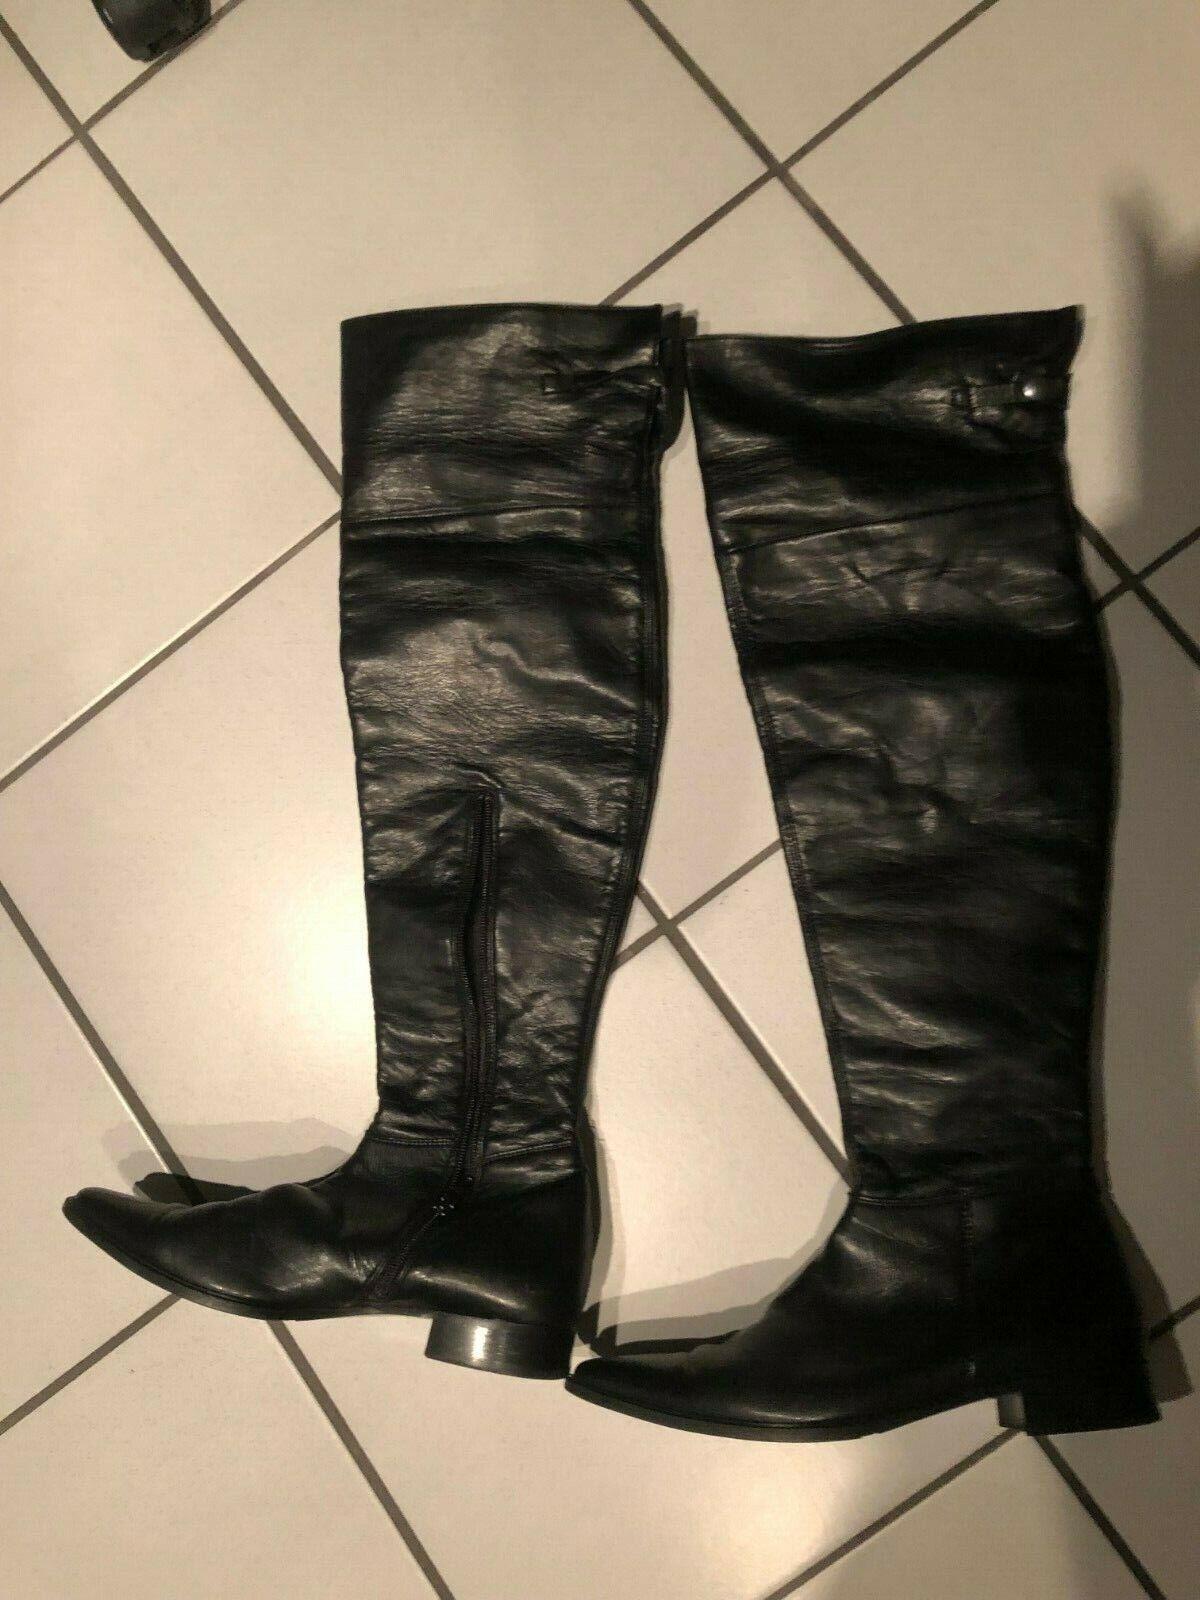 Paul Grün Damen  Stiefel dG 40 Langschaftstiefel Overknees Schuhe schwarz